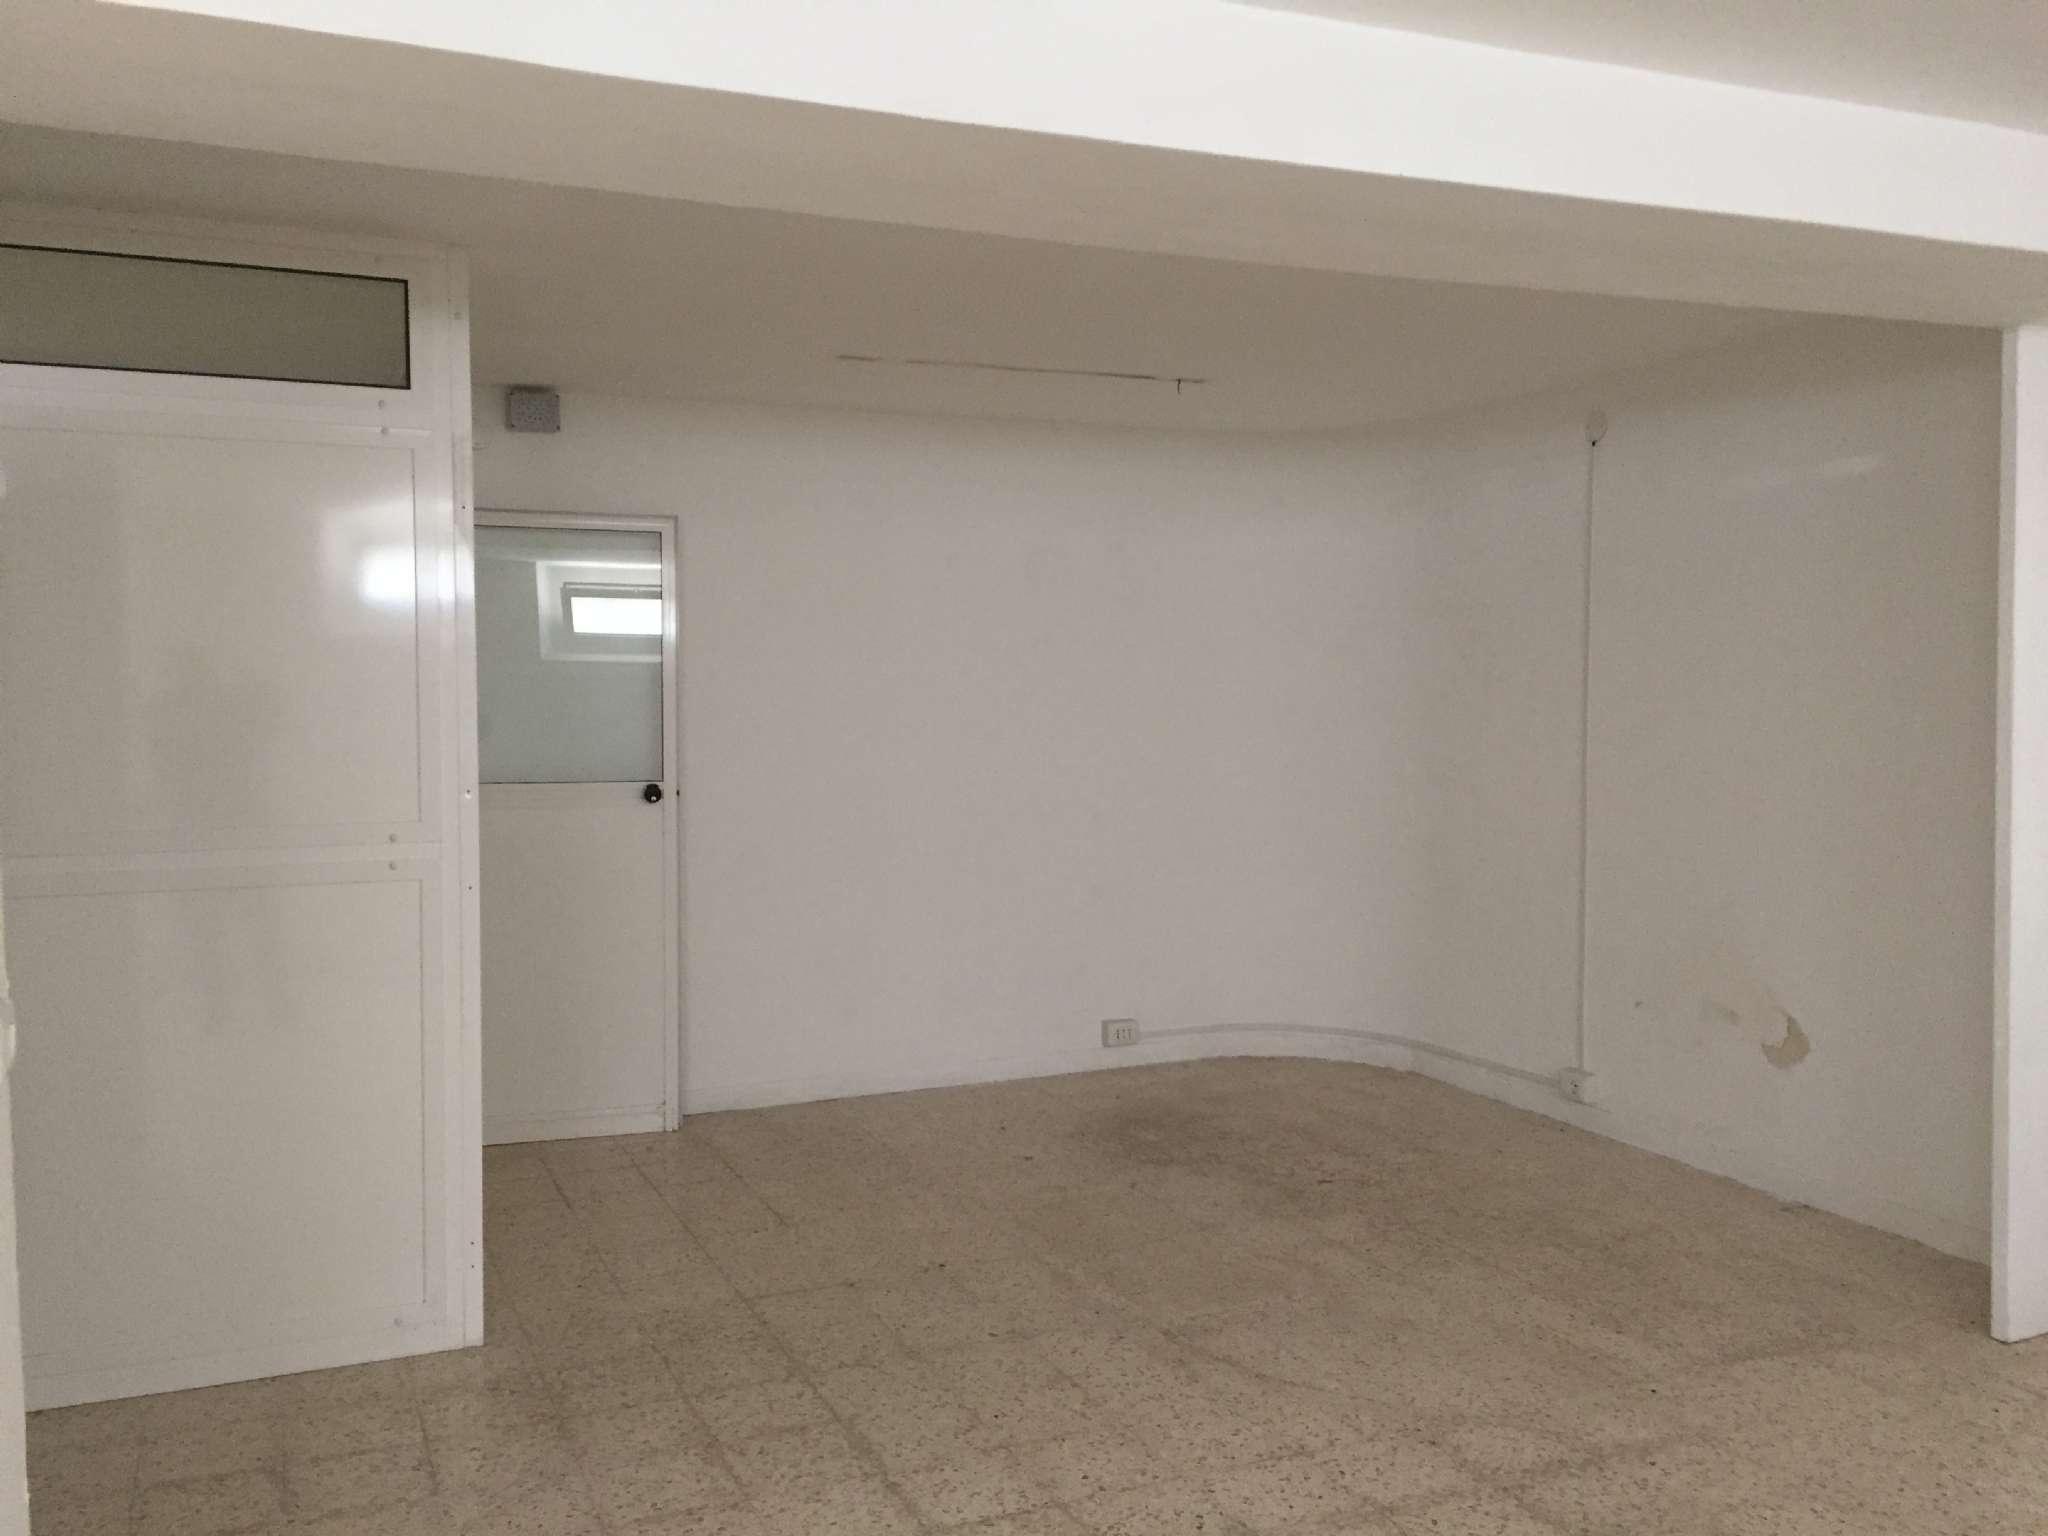 Appartamento in affitto a Modugno, 1 locali, prezzo € 400 | CambioCasa.it